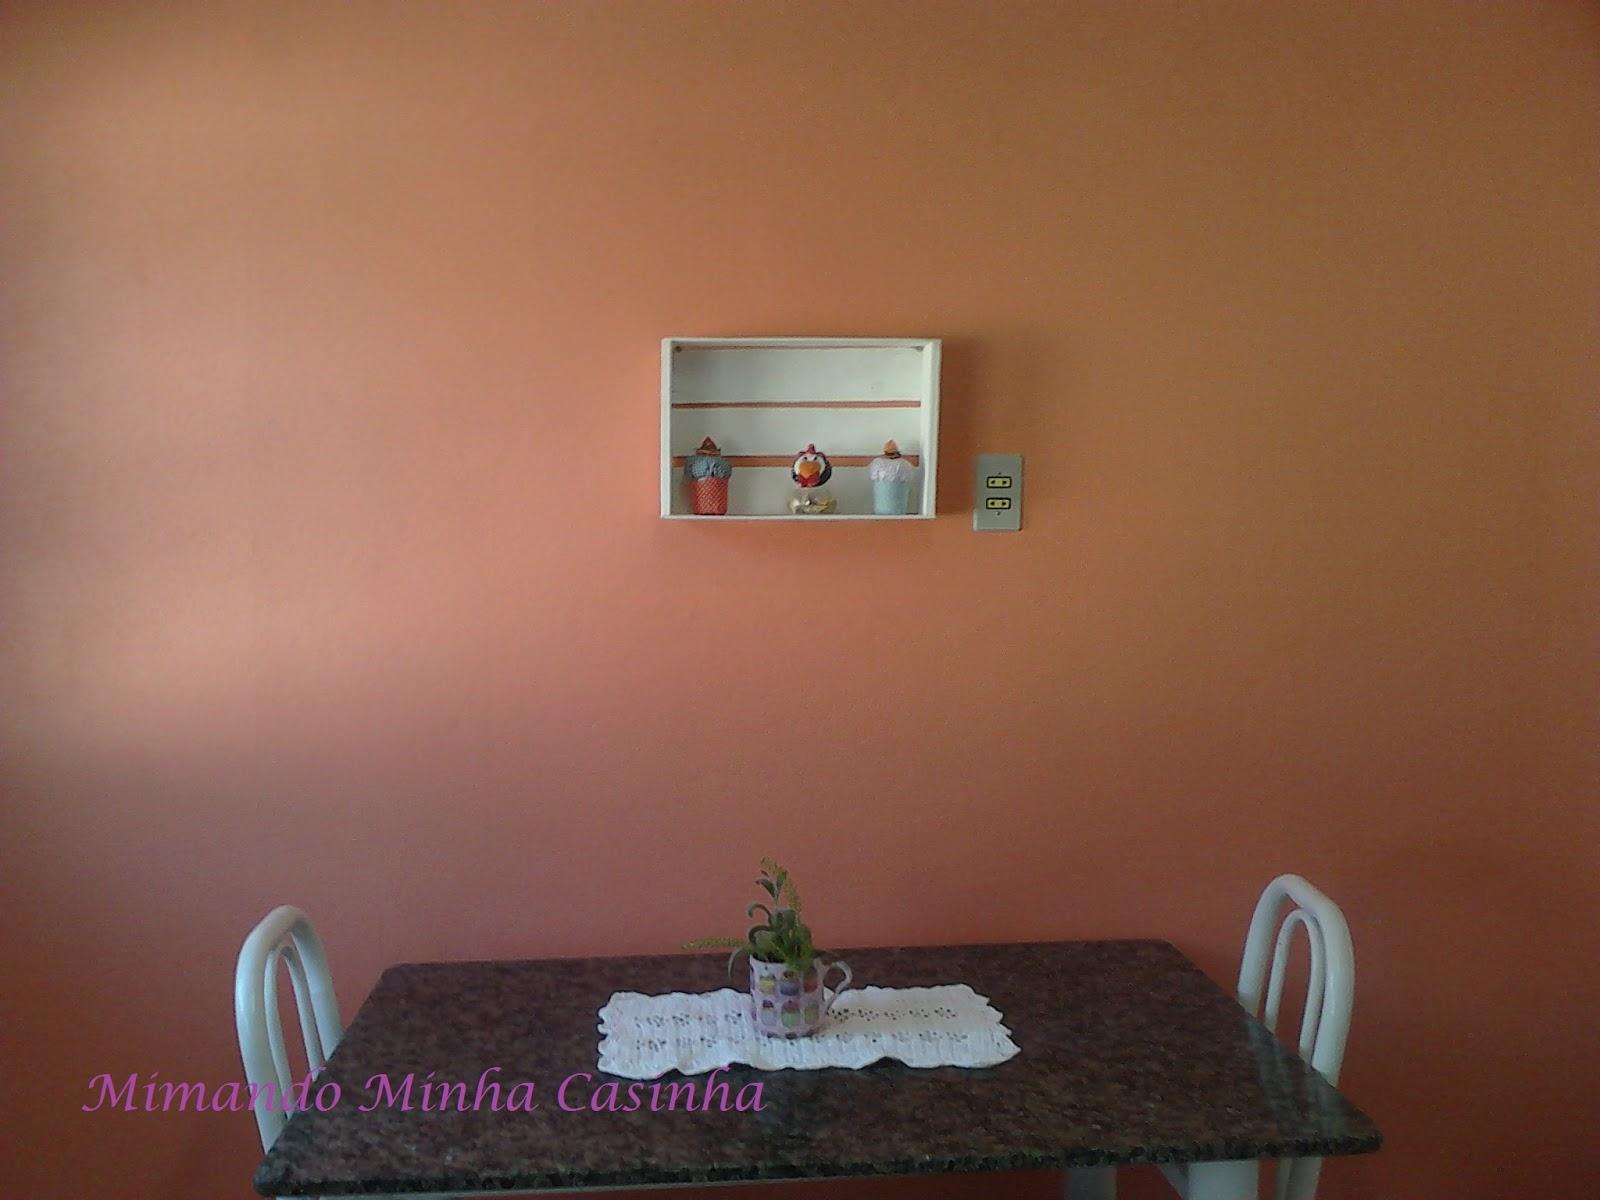 MIMANDO MINHA CASINHA: MINHA COZINHA NOVA #8C5D3F 1600 1200